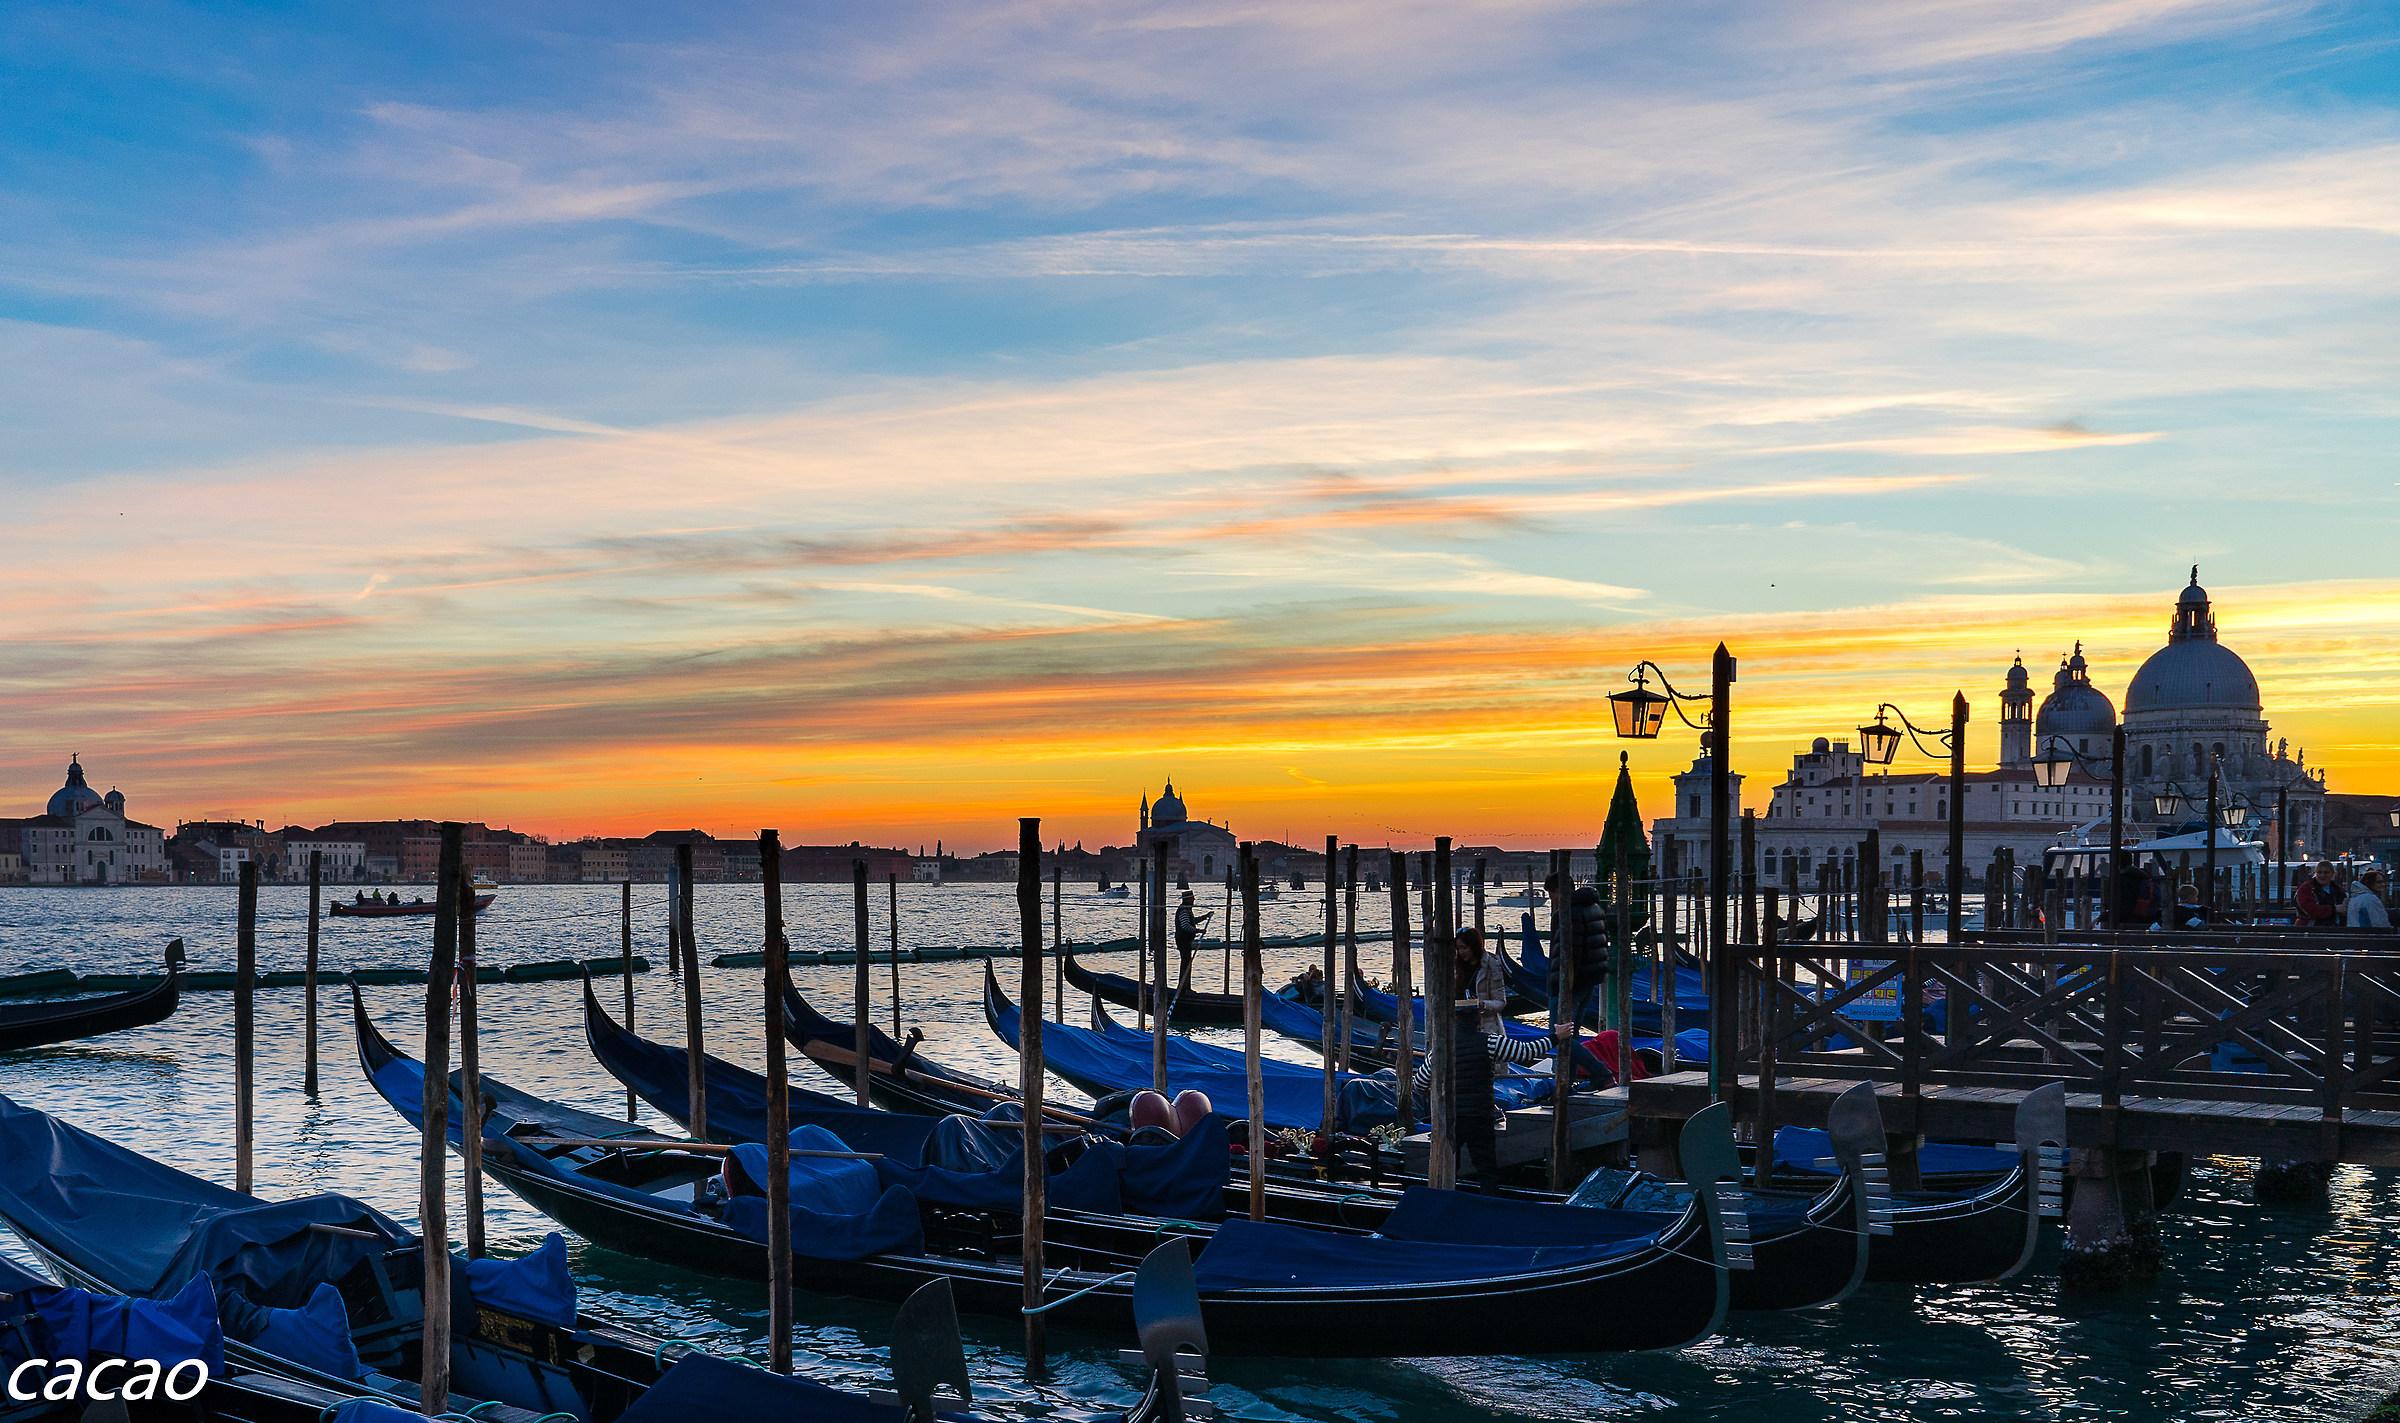 Sunset in Basin San Marco...